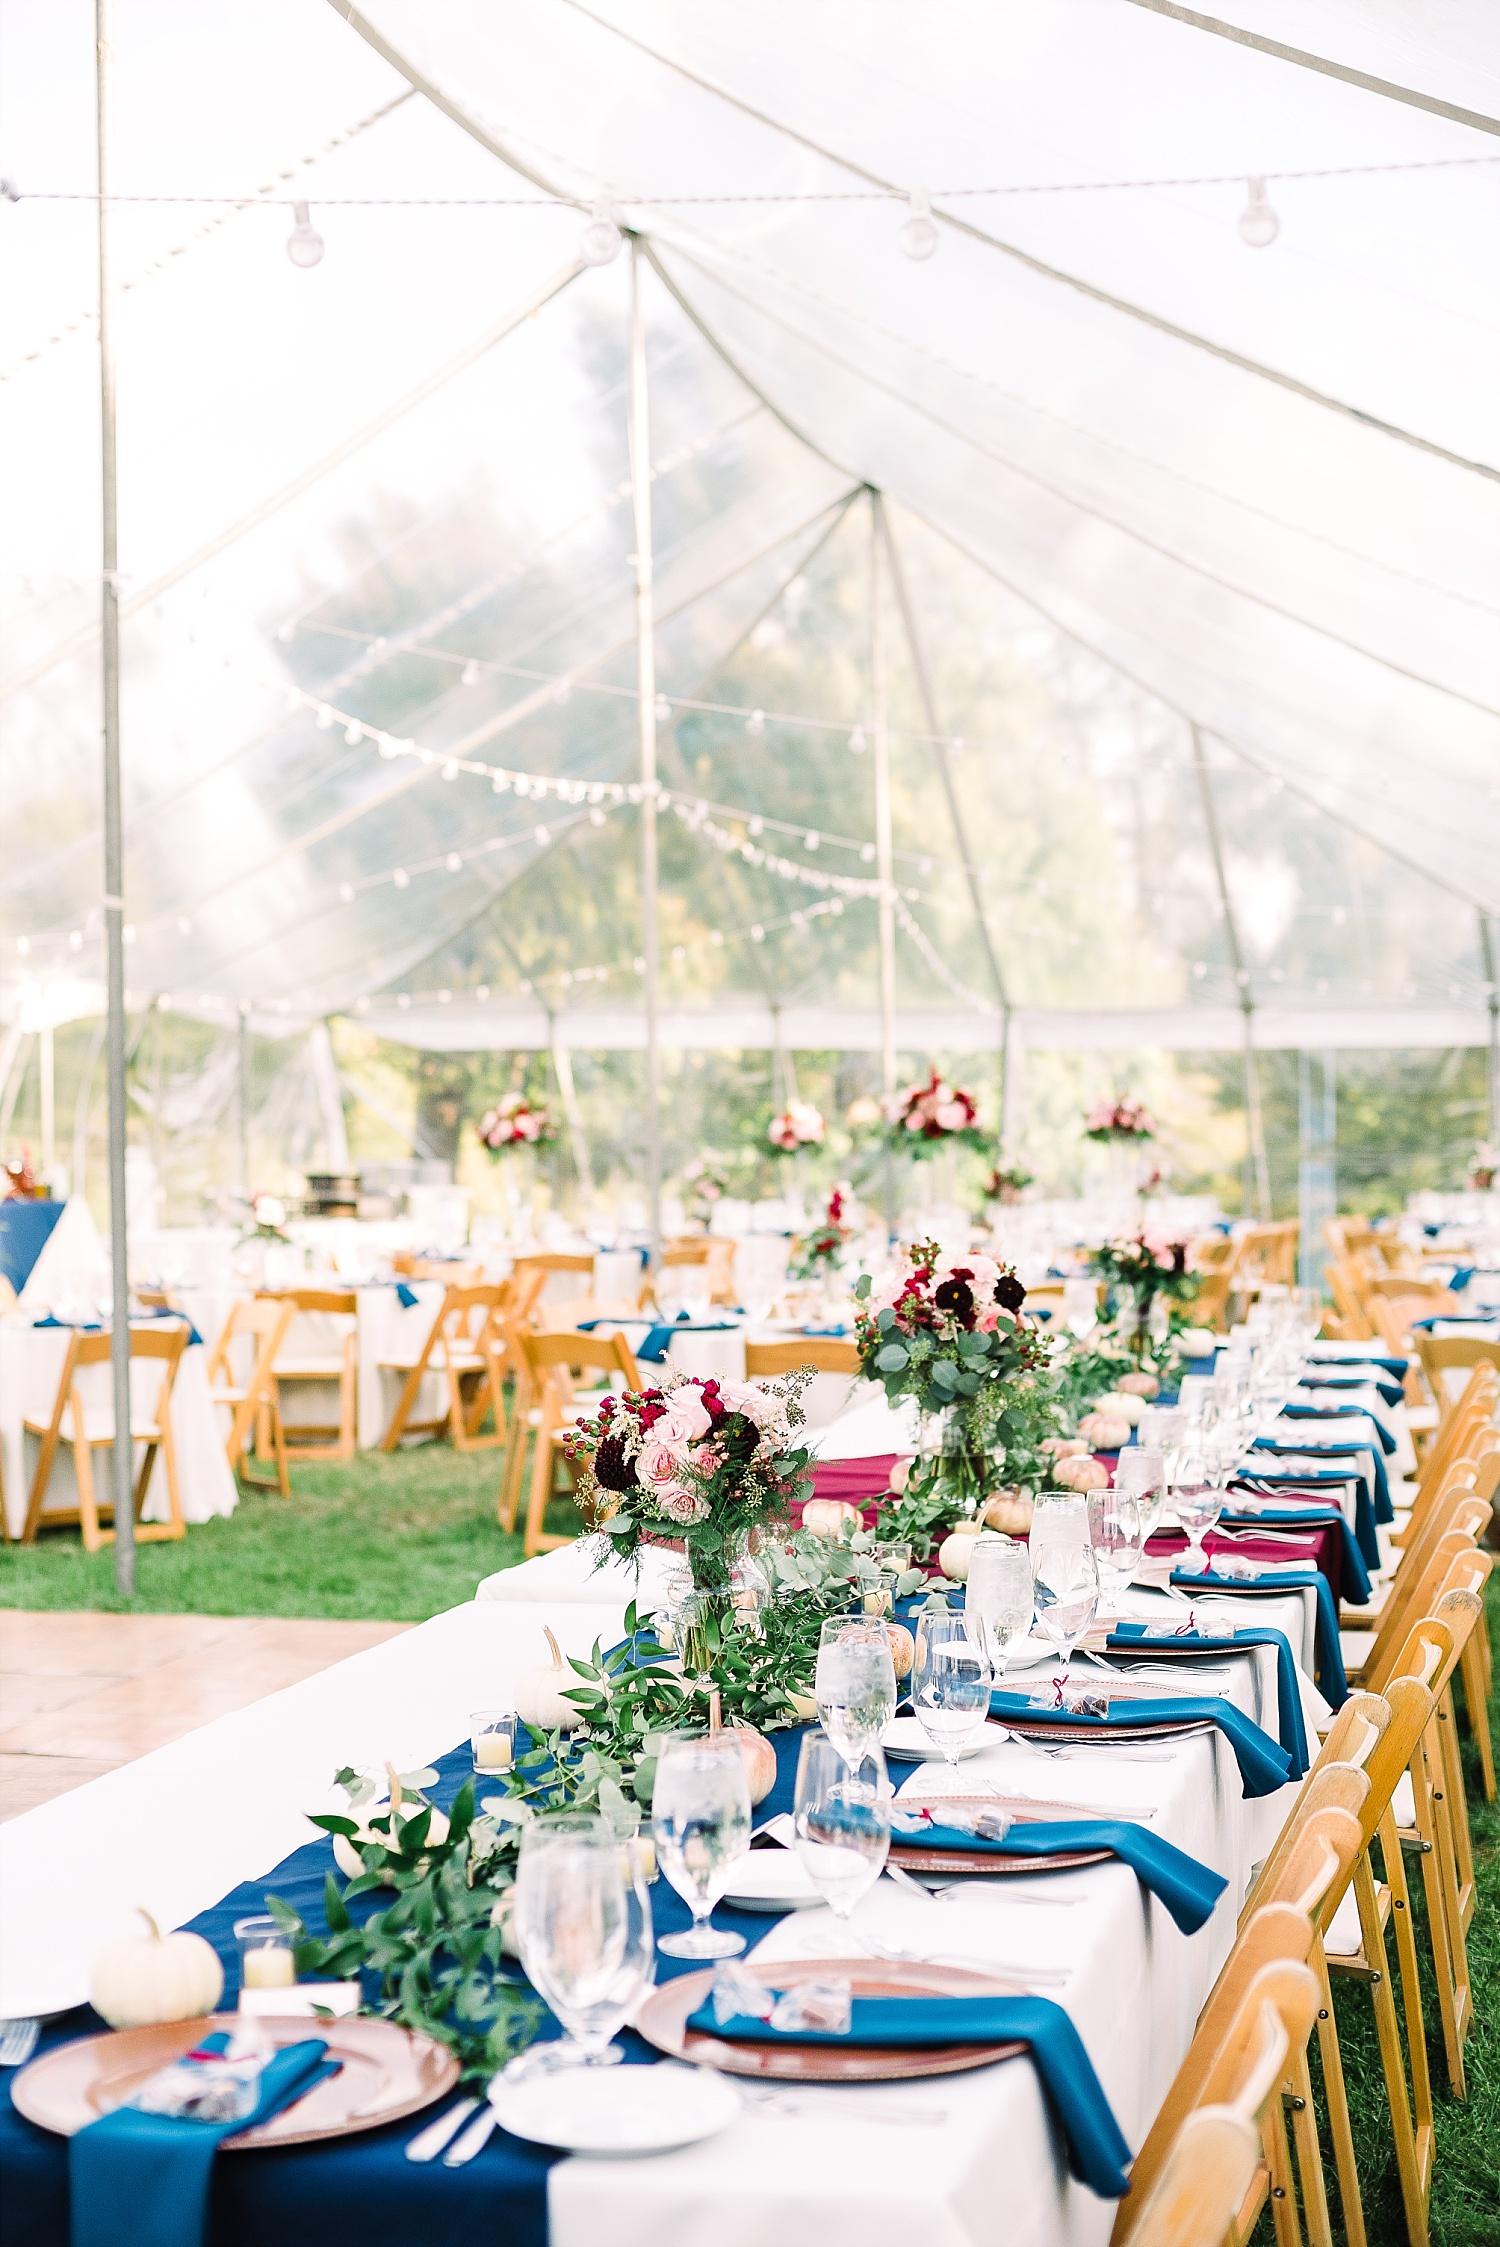 goff-tents-rentals-lexington